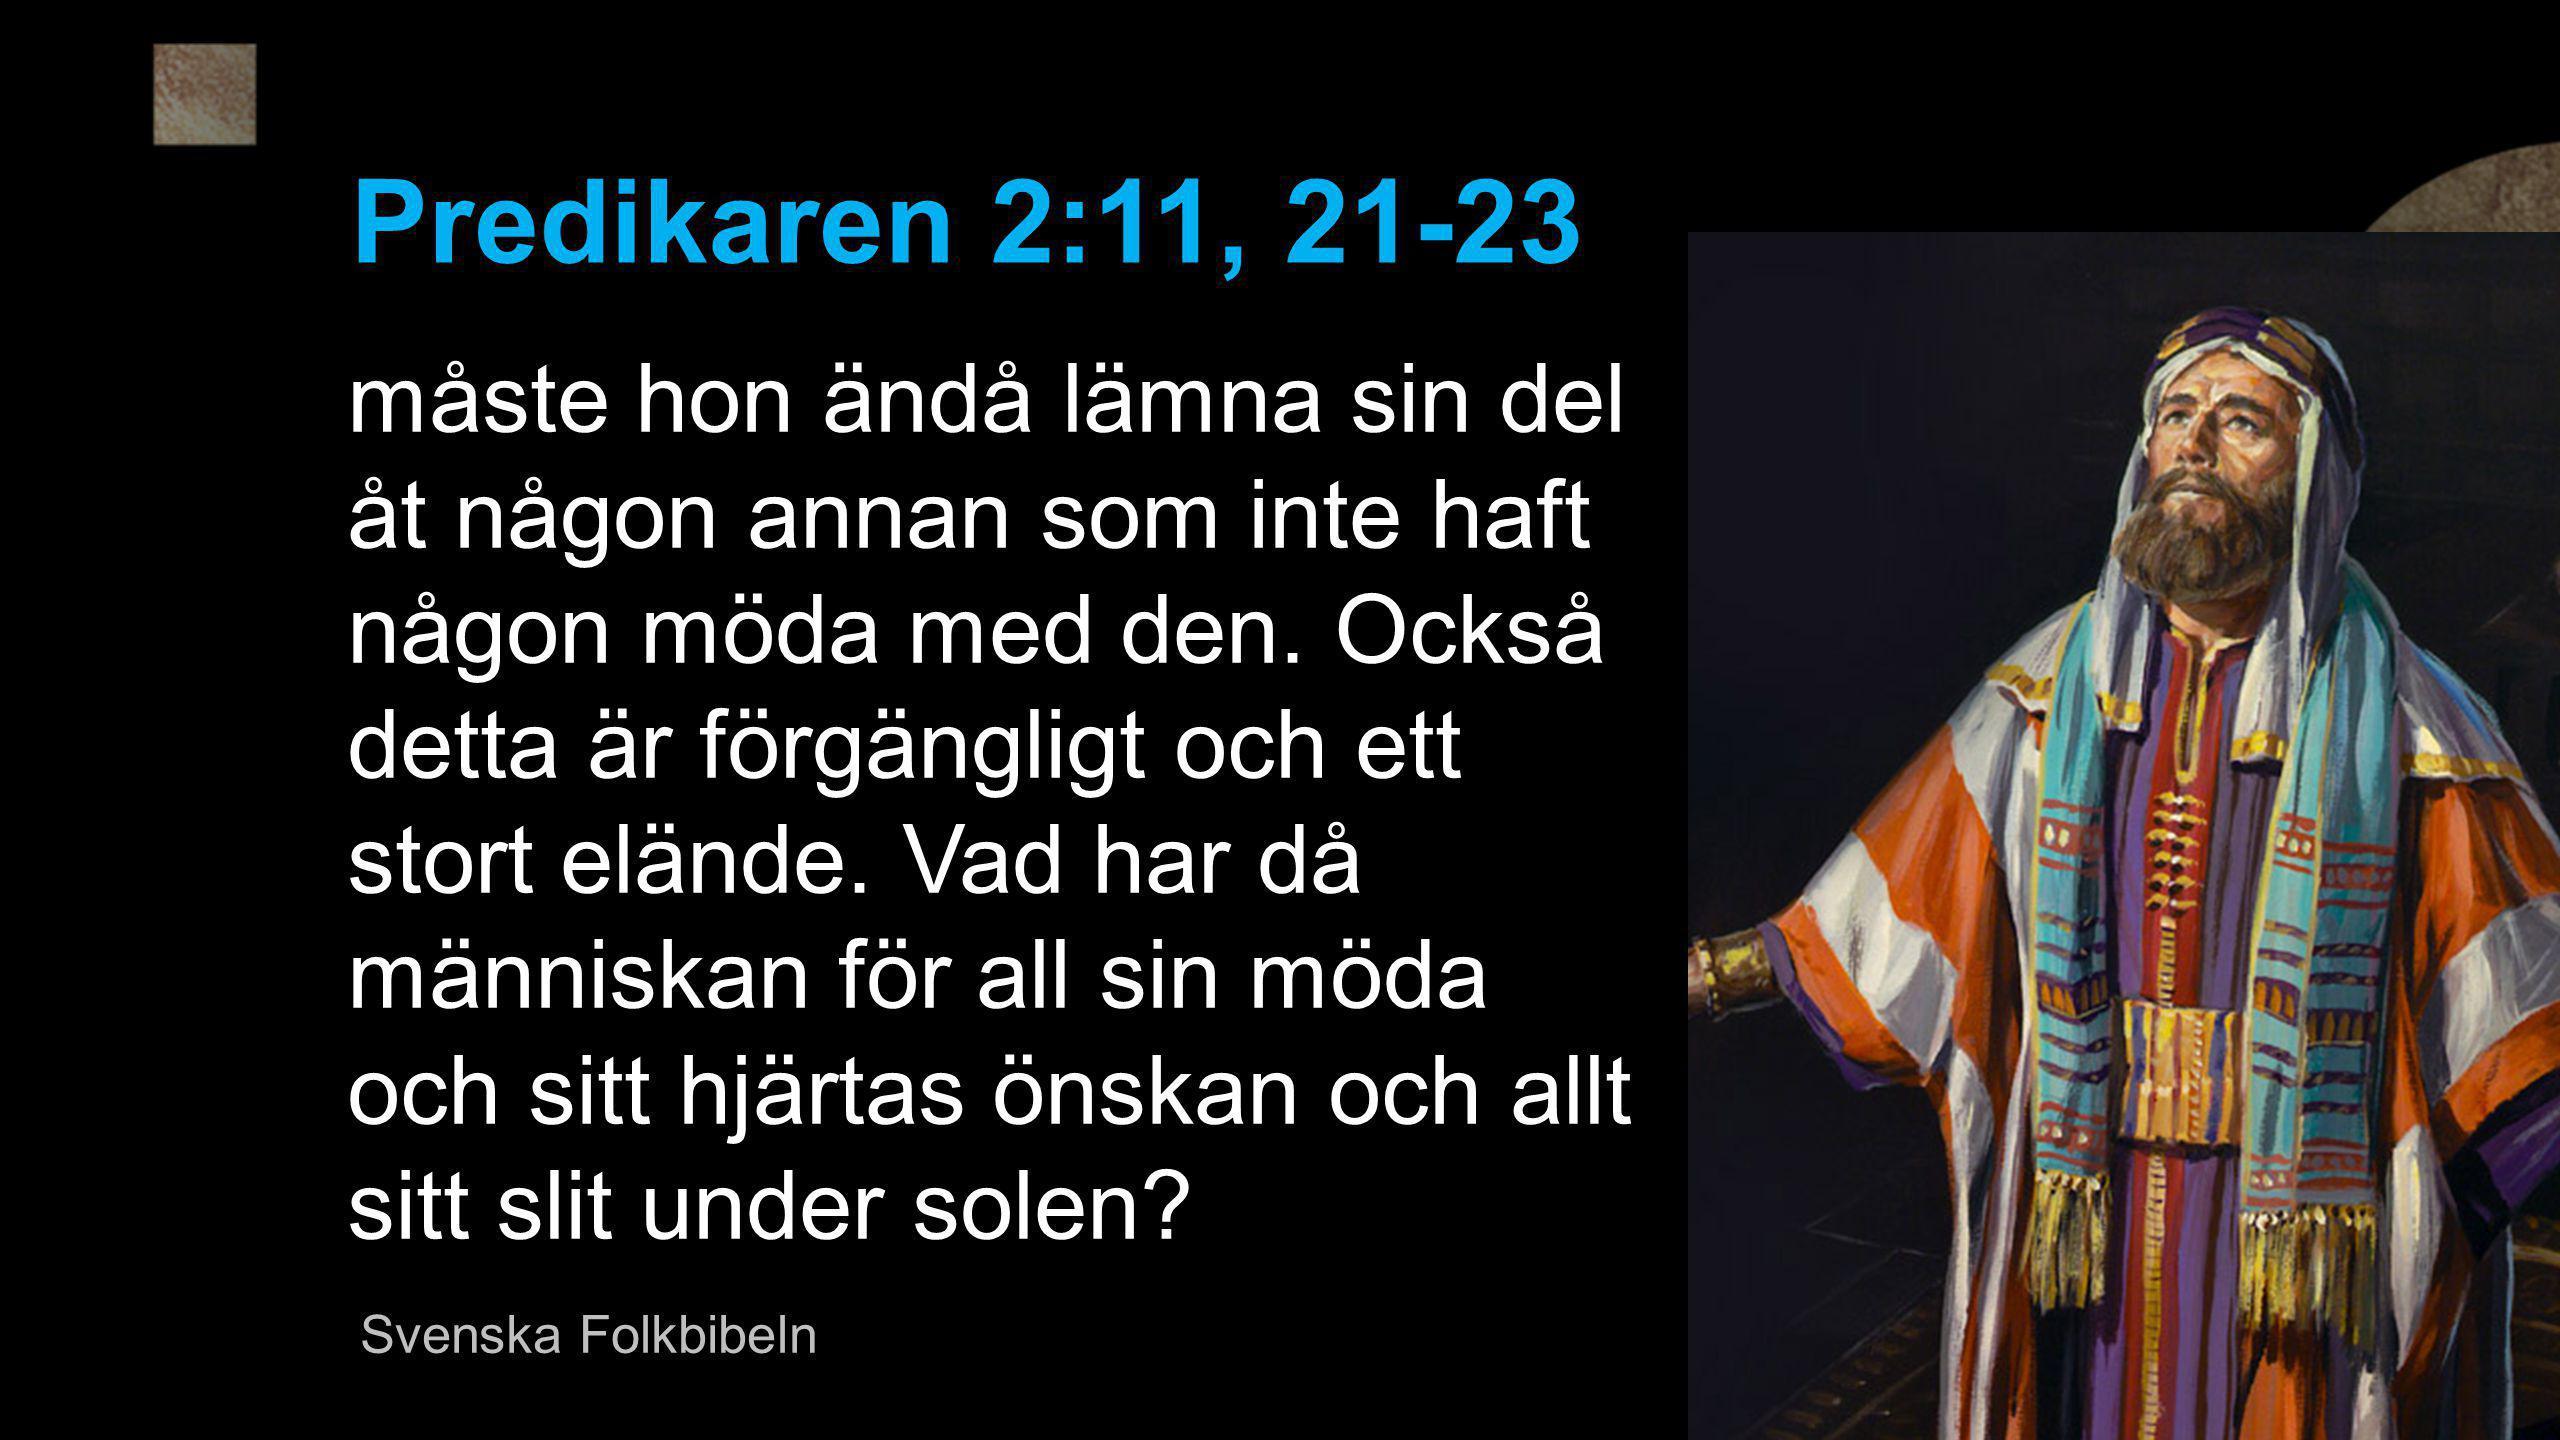 Predikaren 2:11, 21-23